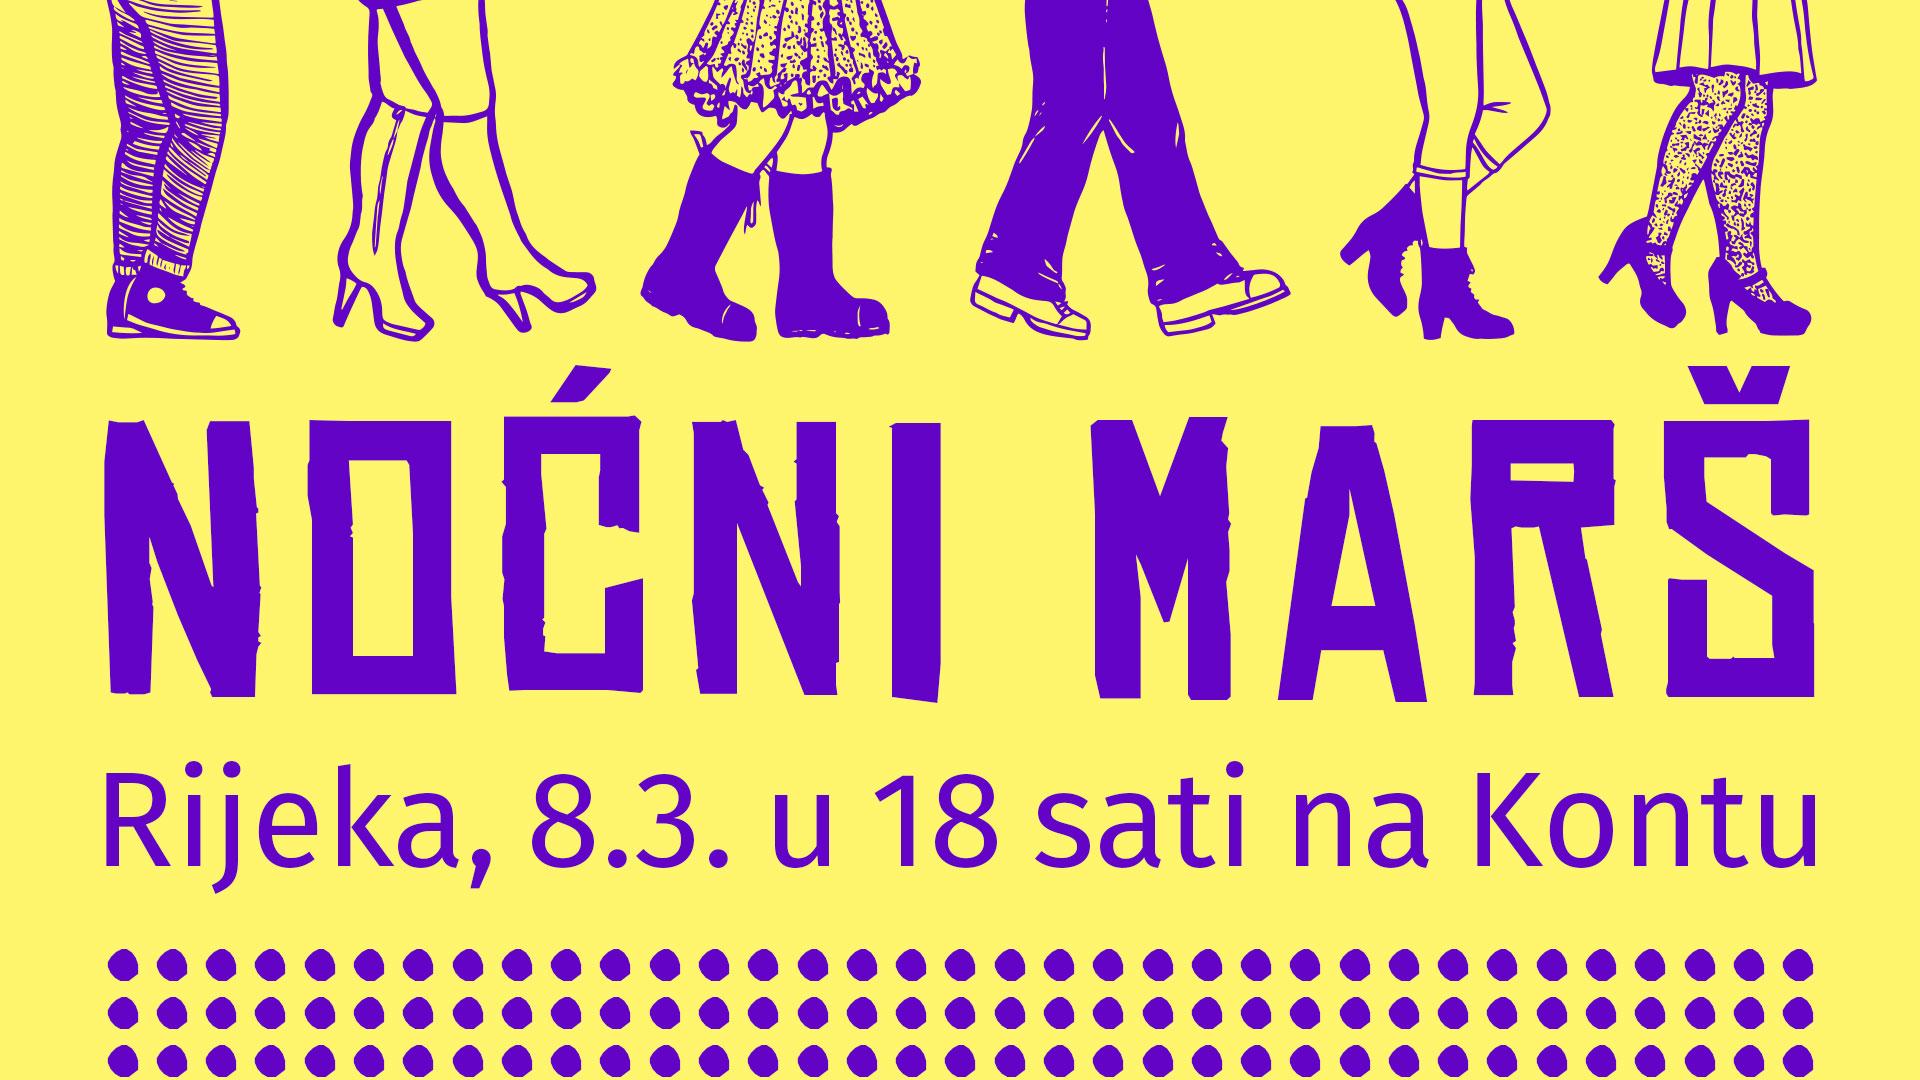 NocniMars-2018-event-zuti